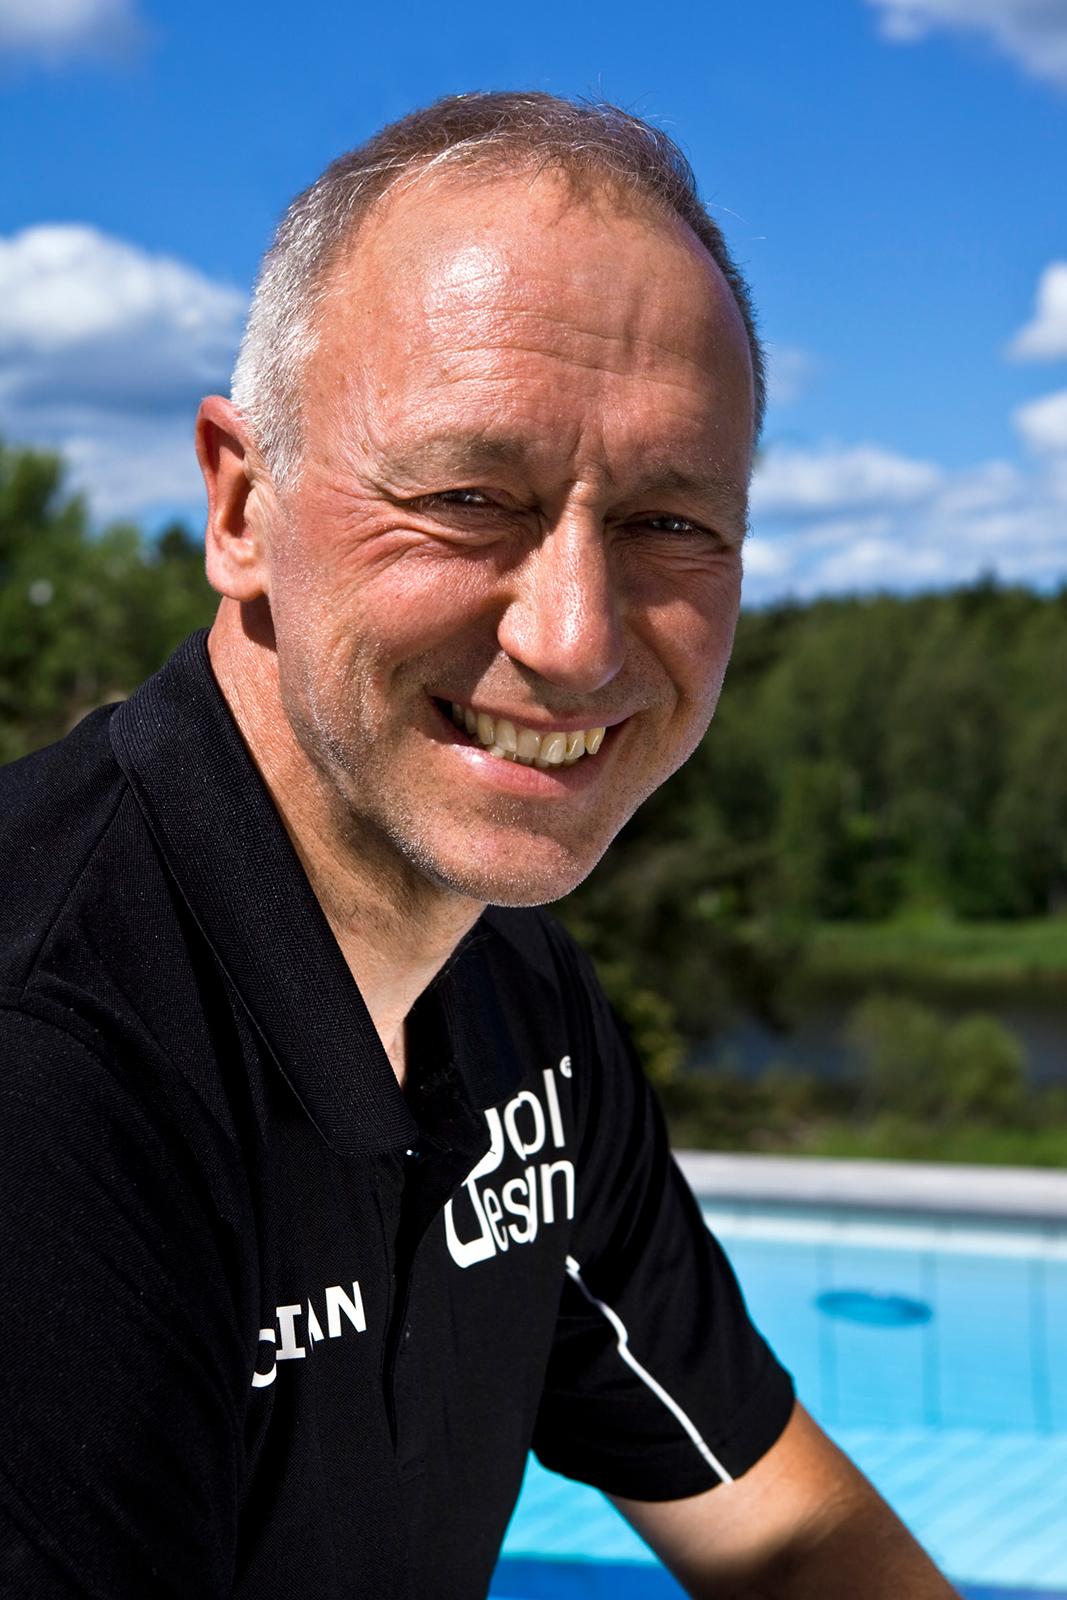 Christer Rylander grundare av PoolDesign Stockholm AB